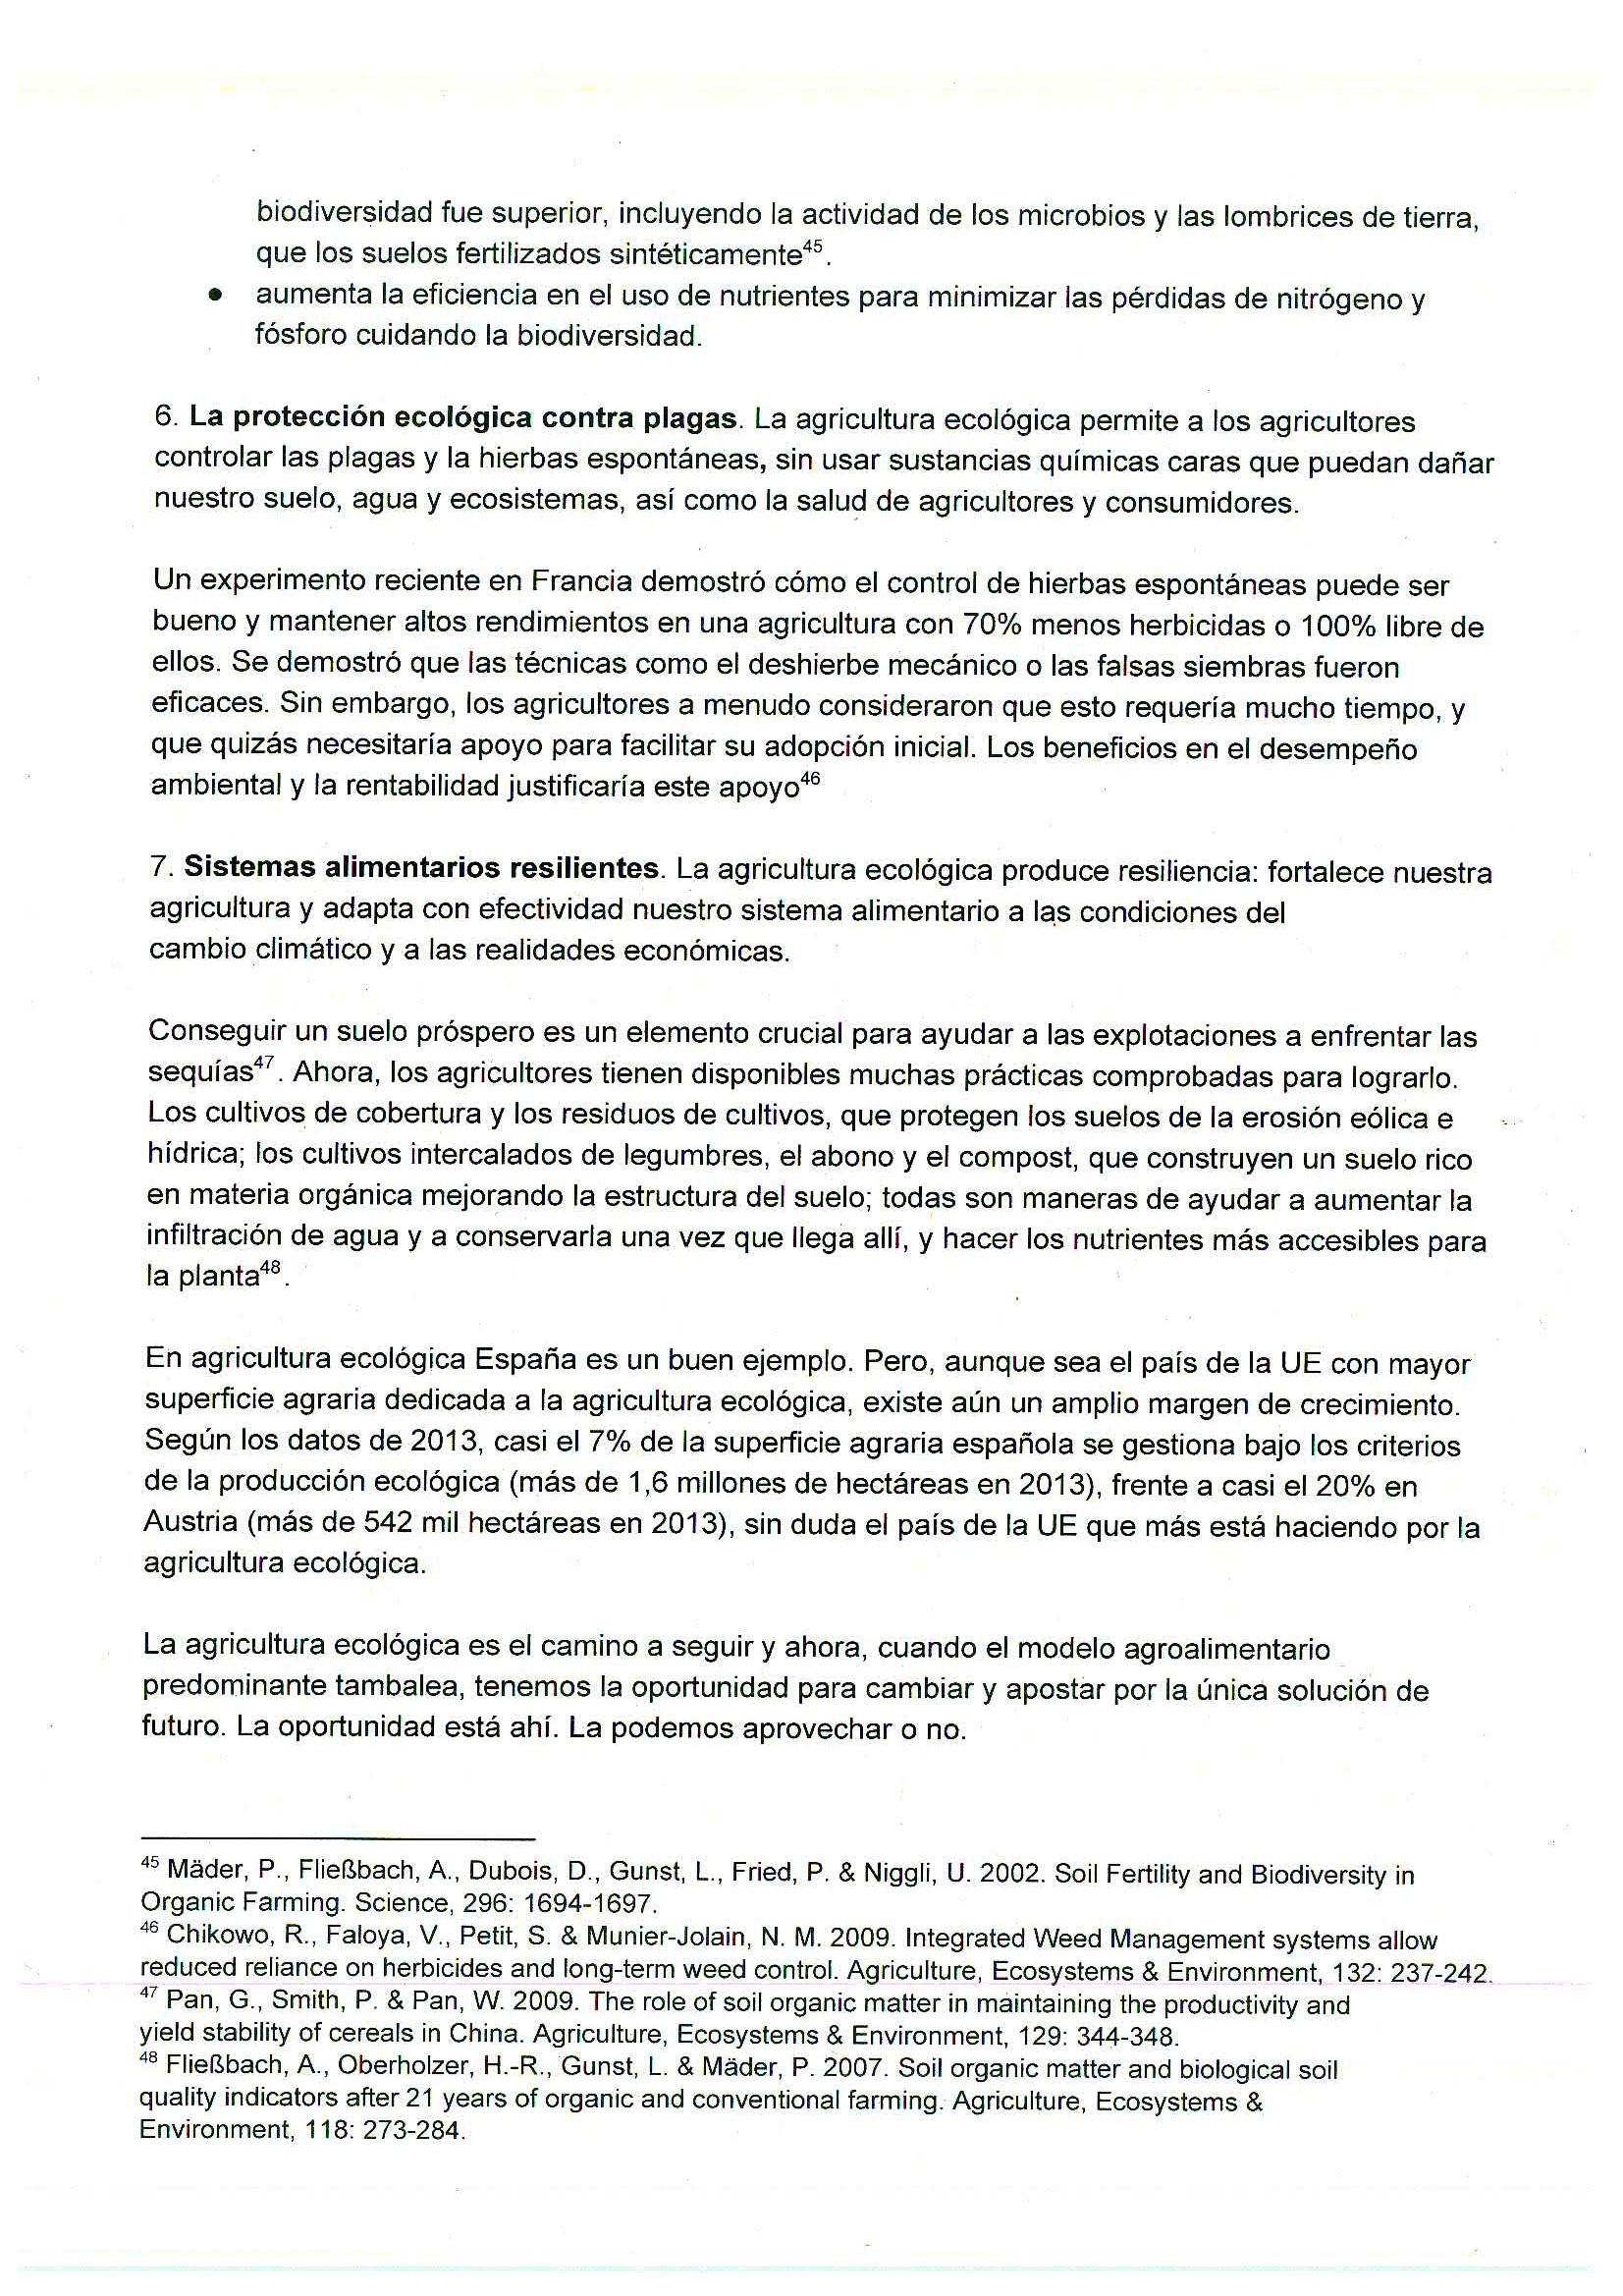 Aldeire.-Carta-ZLT%2c-glifosato-y-compra-publica-ecologica-0015